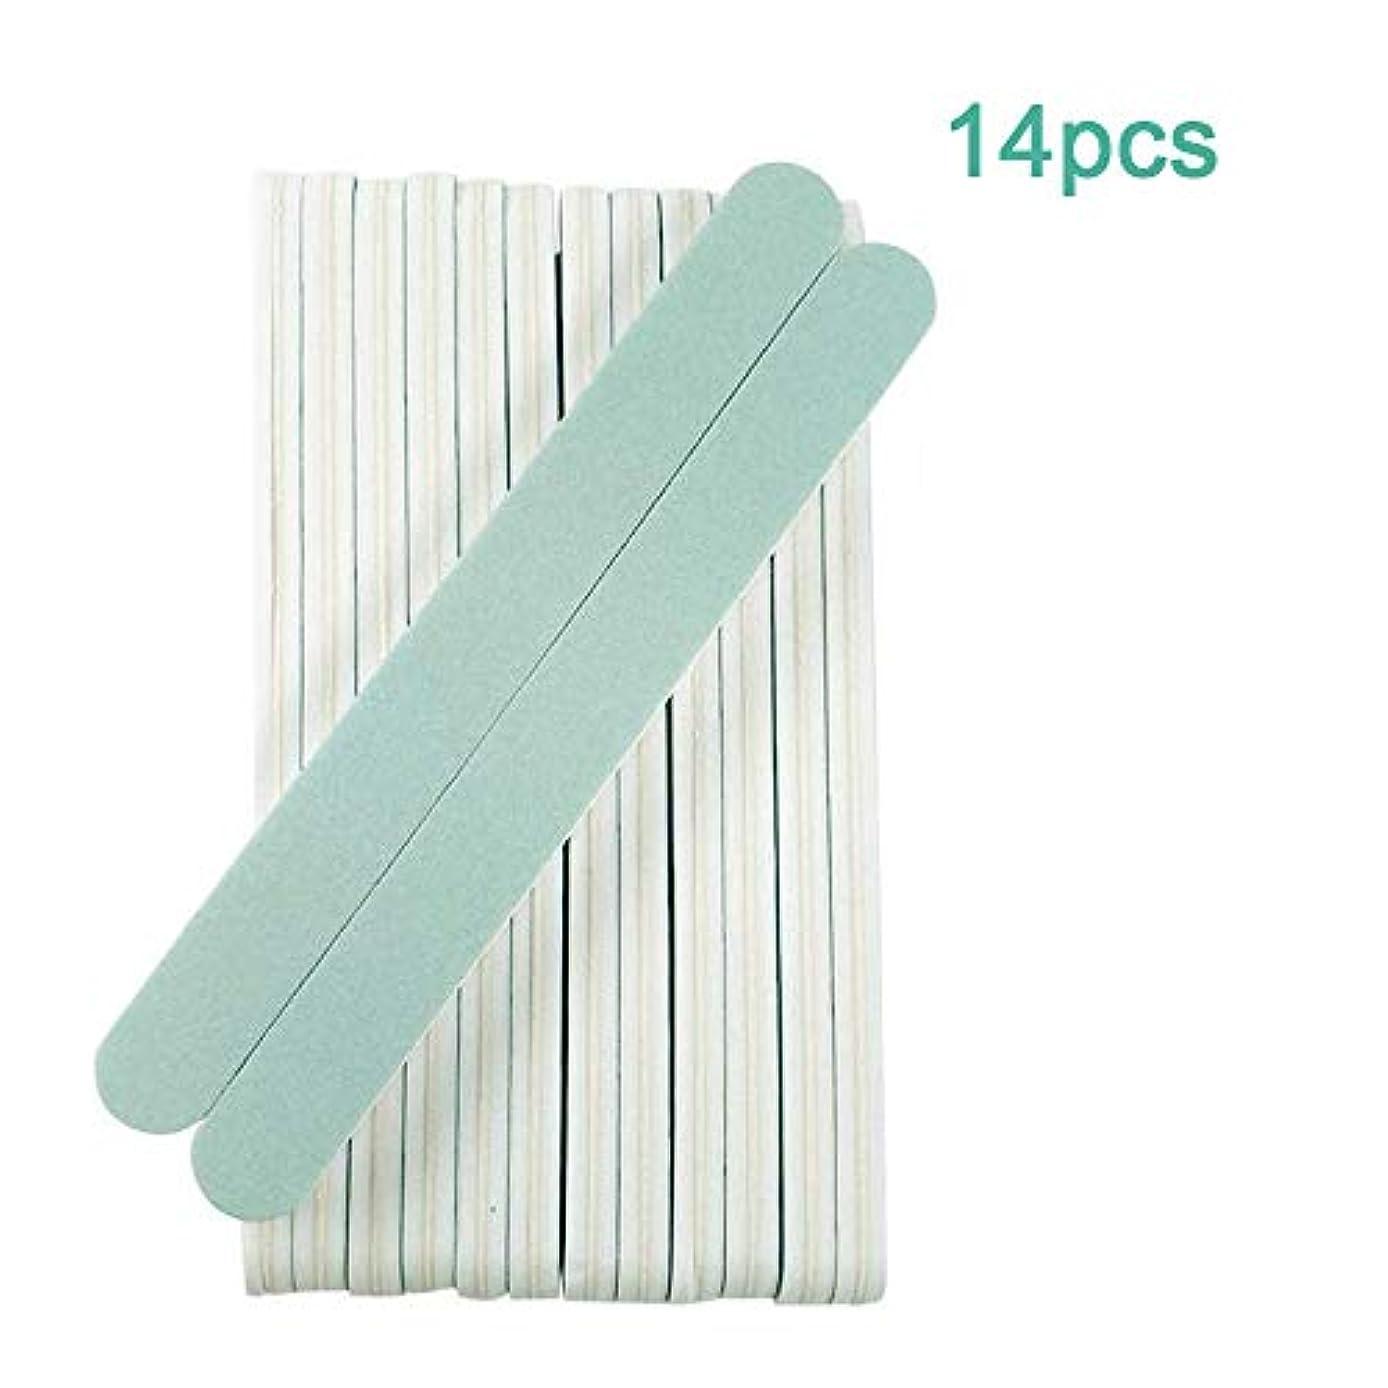 高層ビルリズム全部ジェルネイルファイルセット プロネイルバッファー 爪やすり 爪磨きスポンジ ネイルシャイナーバッファー600/3000 グリット14本セット